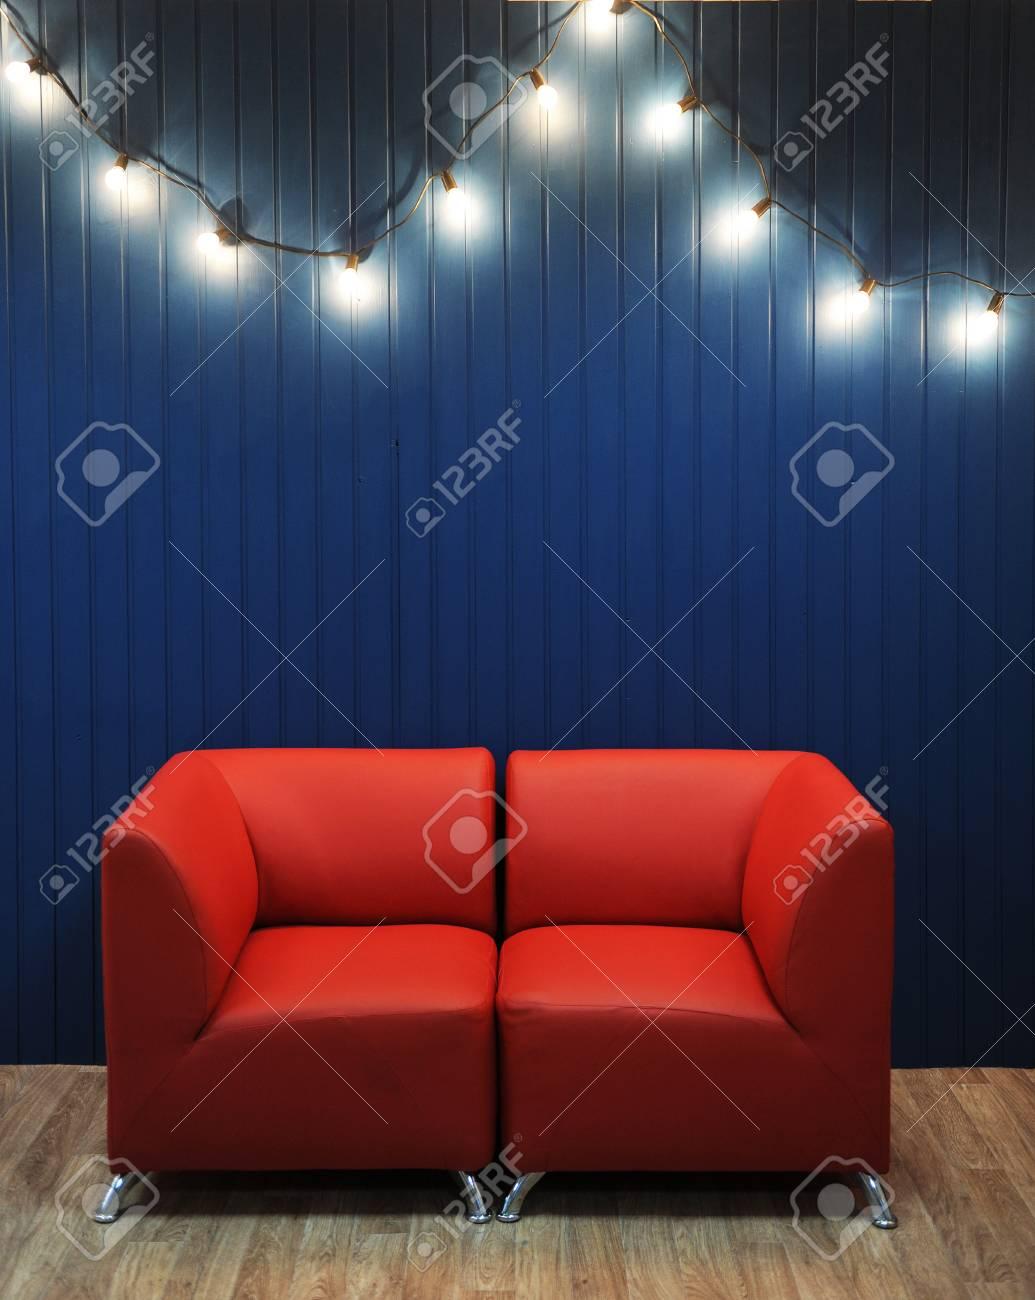 Divano Di Pelle.Divano Di Pelle Rossa Su Uno Sfondo Di Parete Blu Con Ghirlanda Retro Di Lampadine Interni Moderni Struttura Per La Progettazione